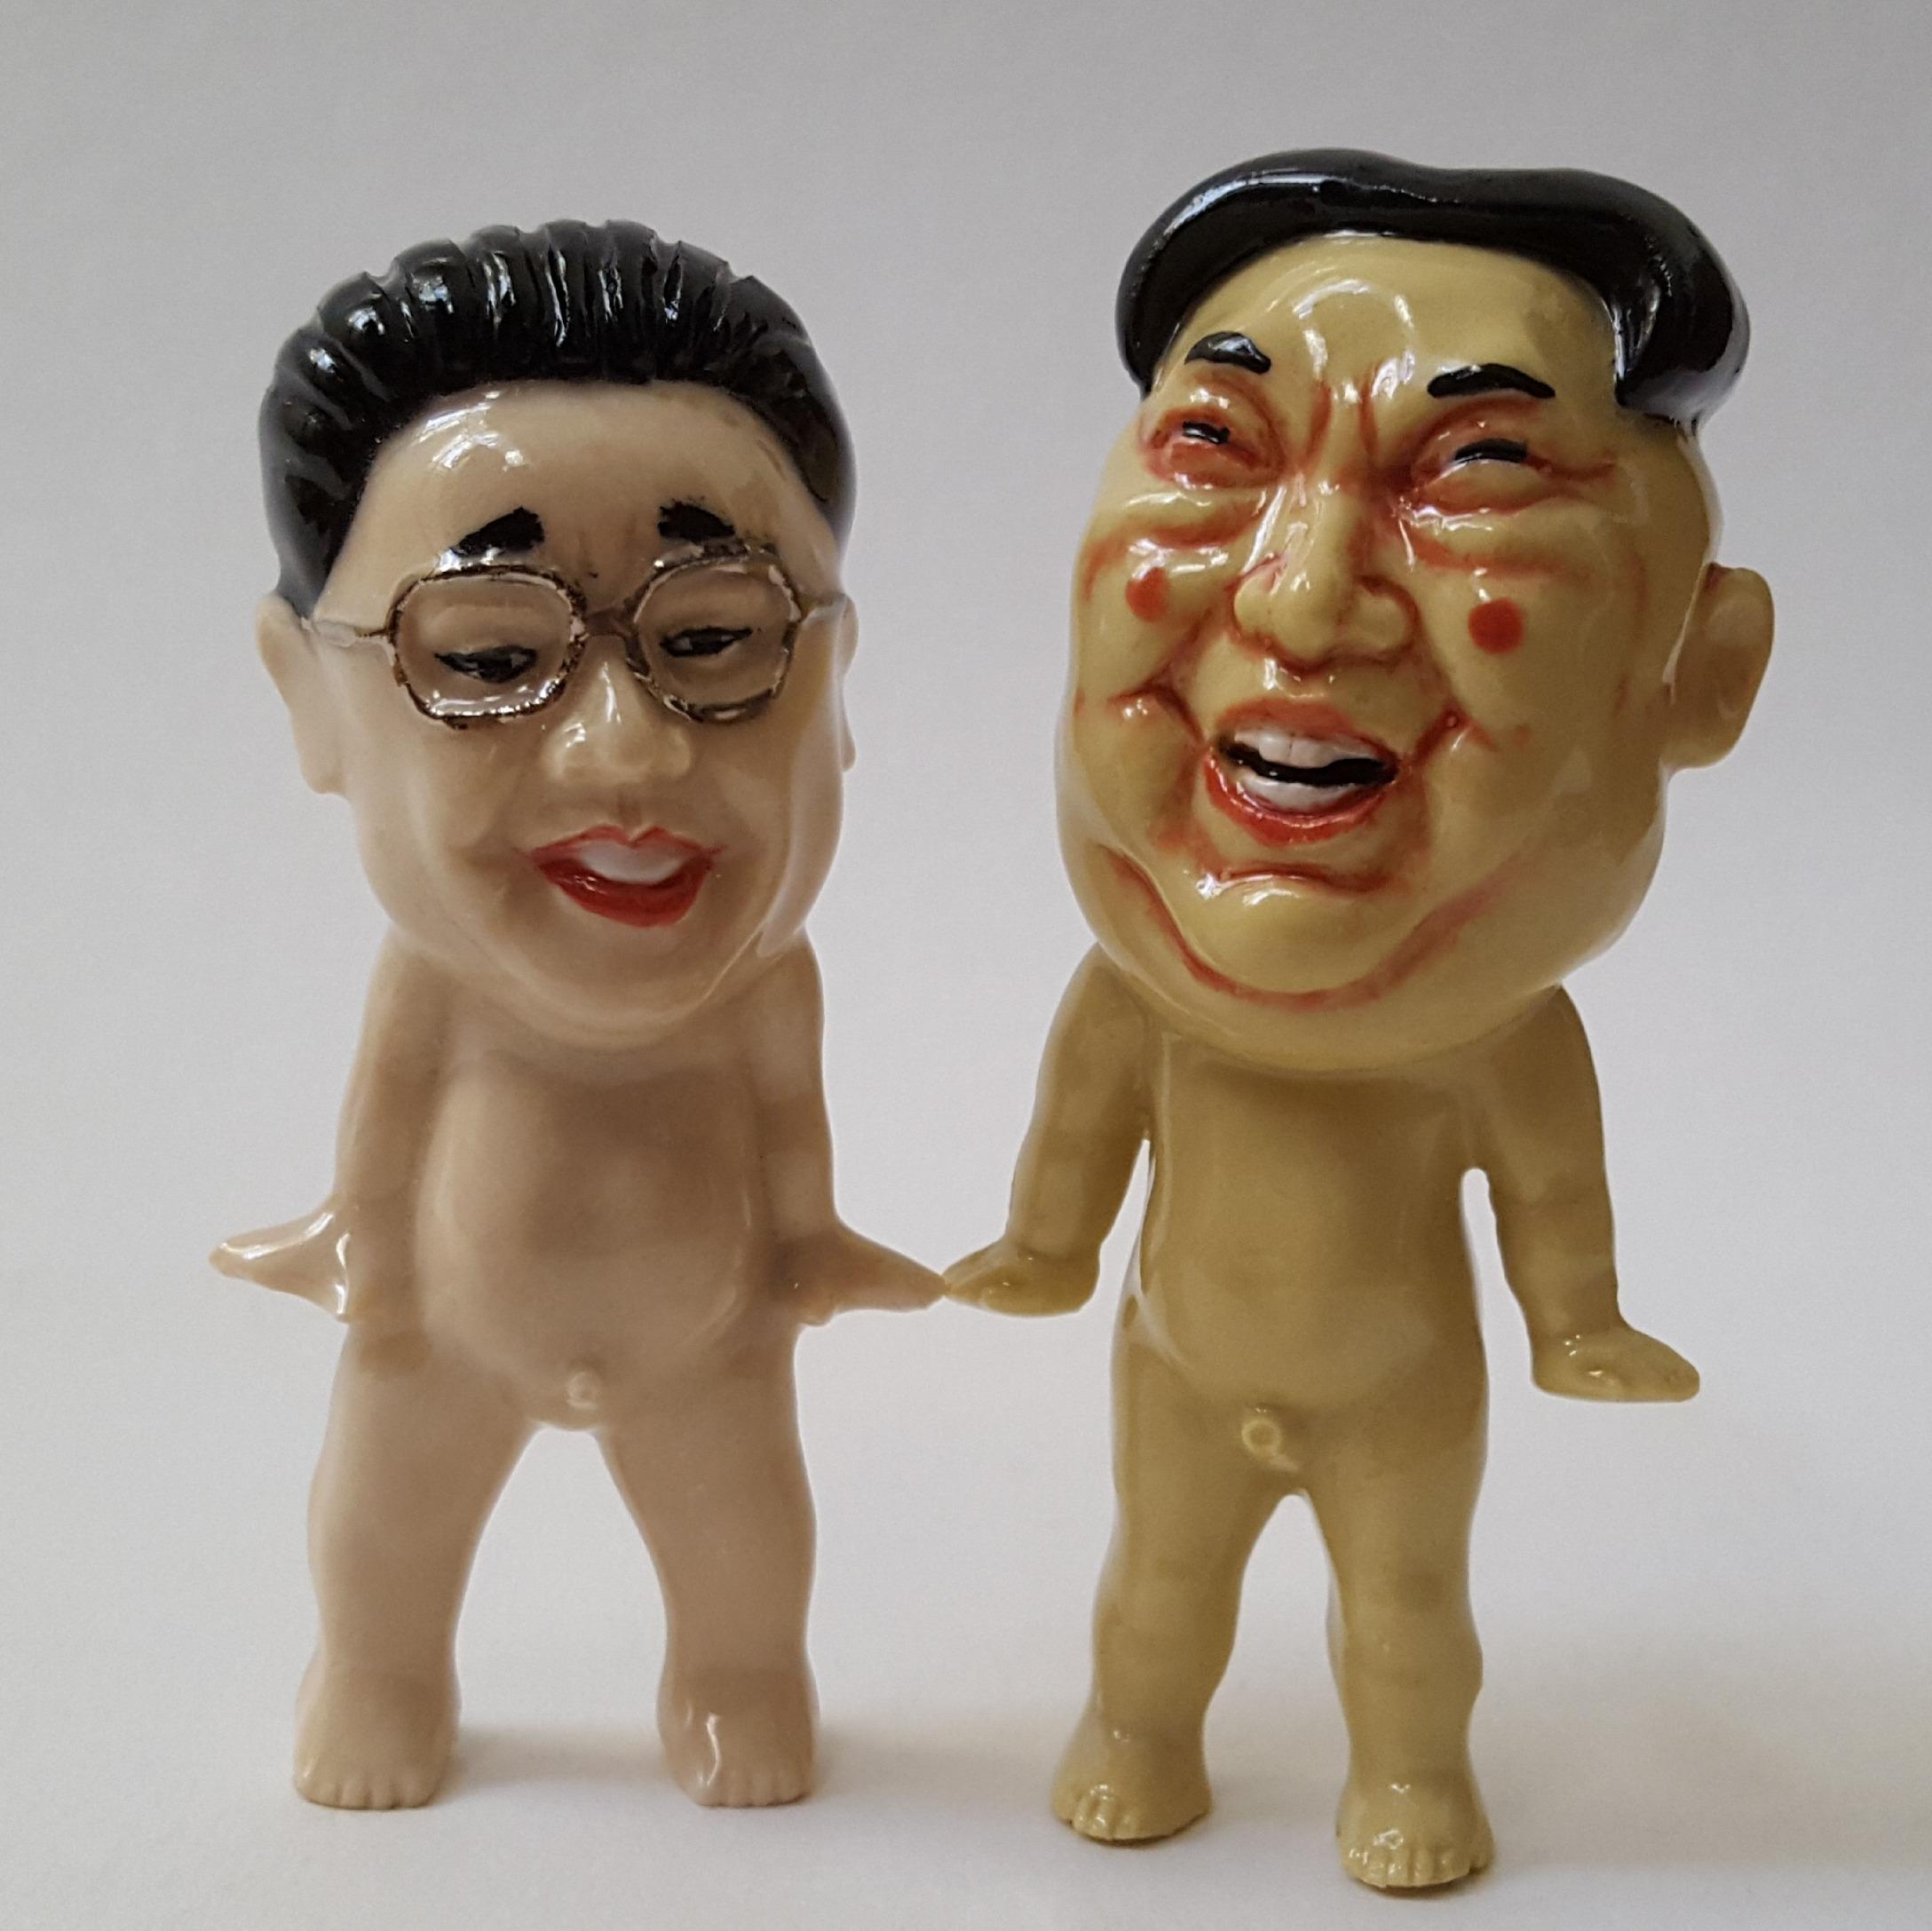 Kim Jong Il, Kim Joug Un